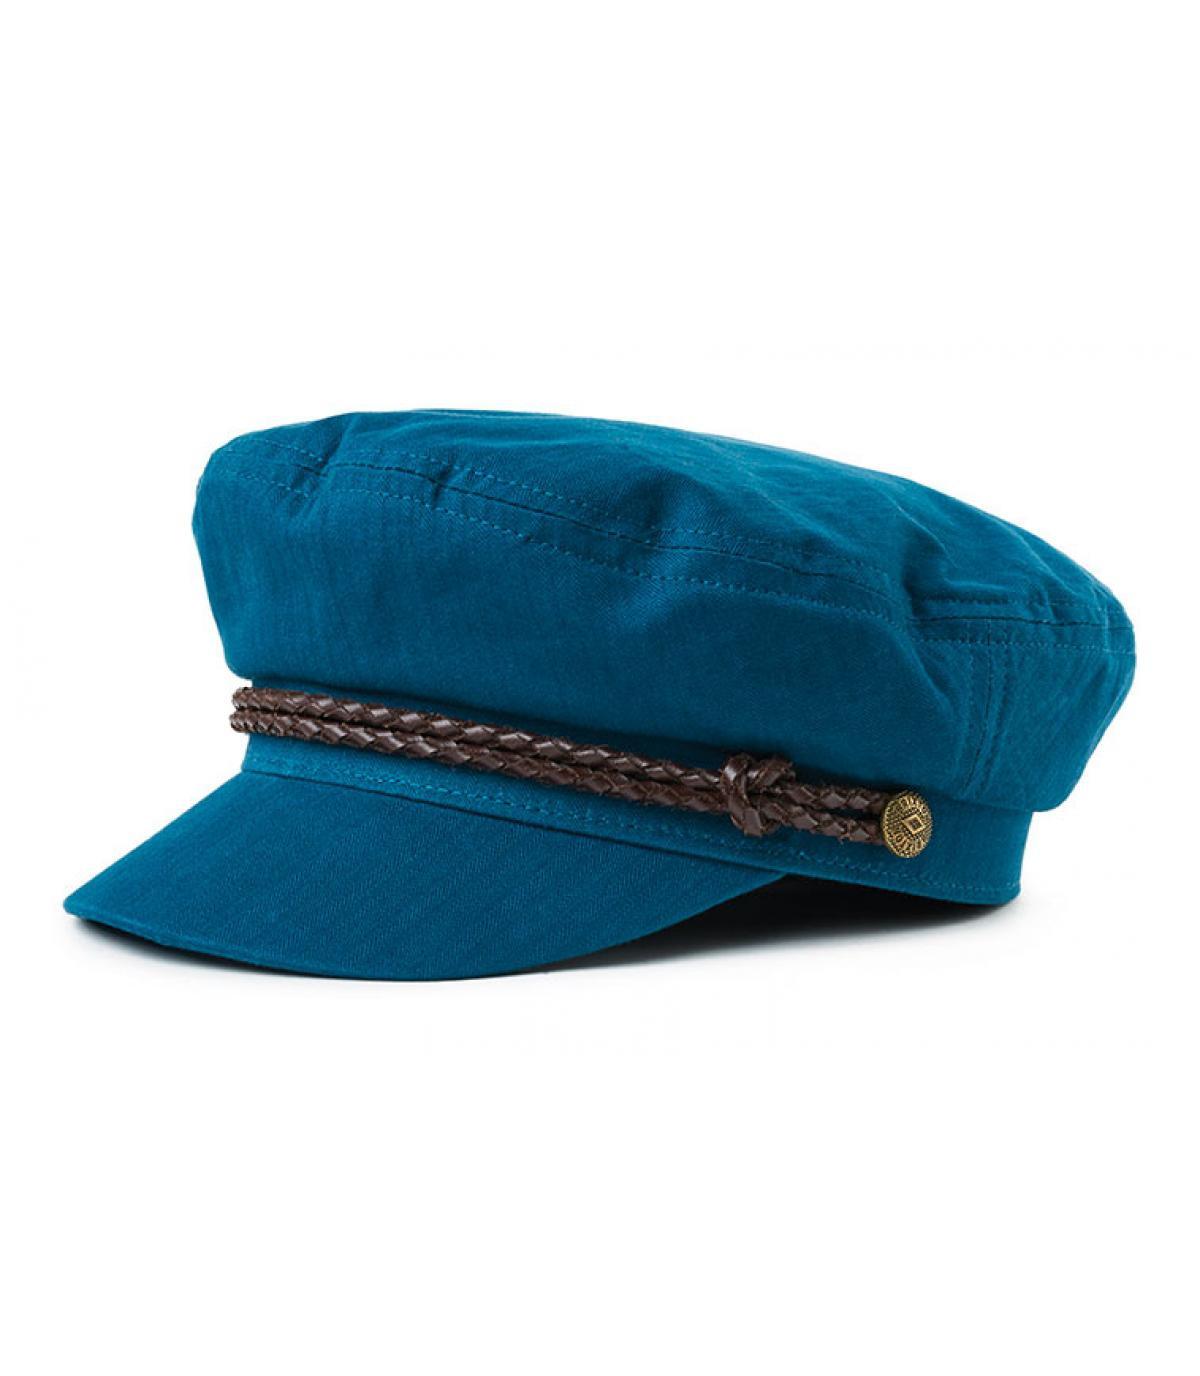 049f2e568 Ashland orion blue brown